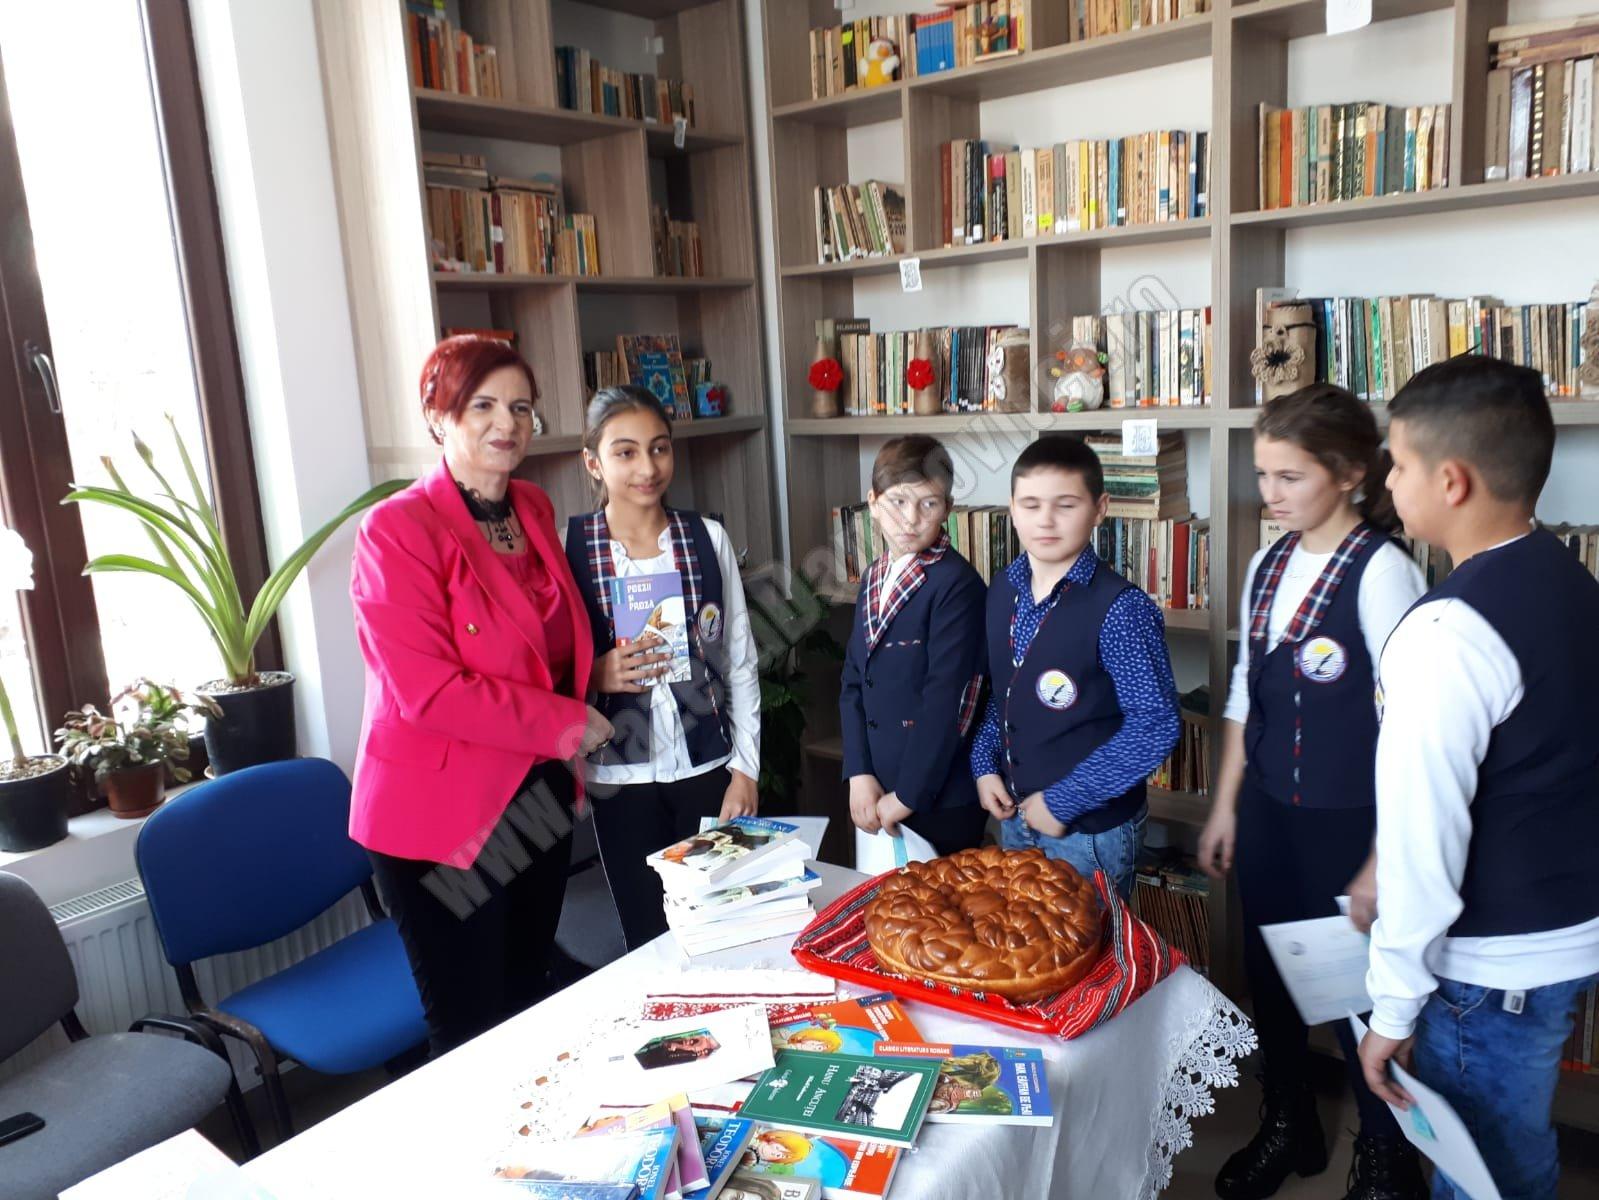 """Agenda parlamentară: Primul Club """"Prietenii cărților"""" pentru elevi, sprijinit de Claudia Gilia (PSD)"""